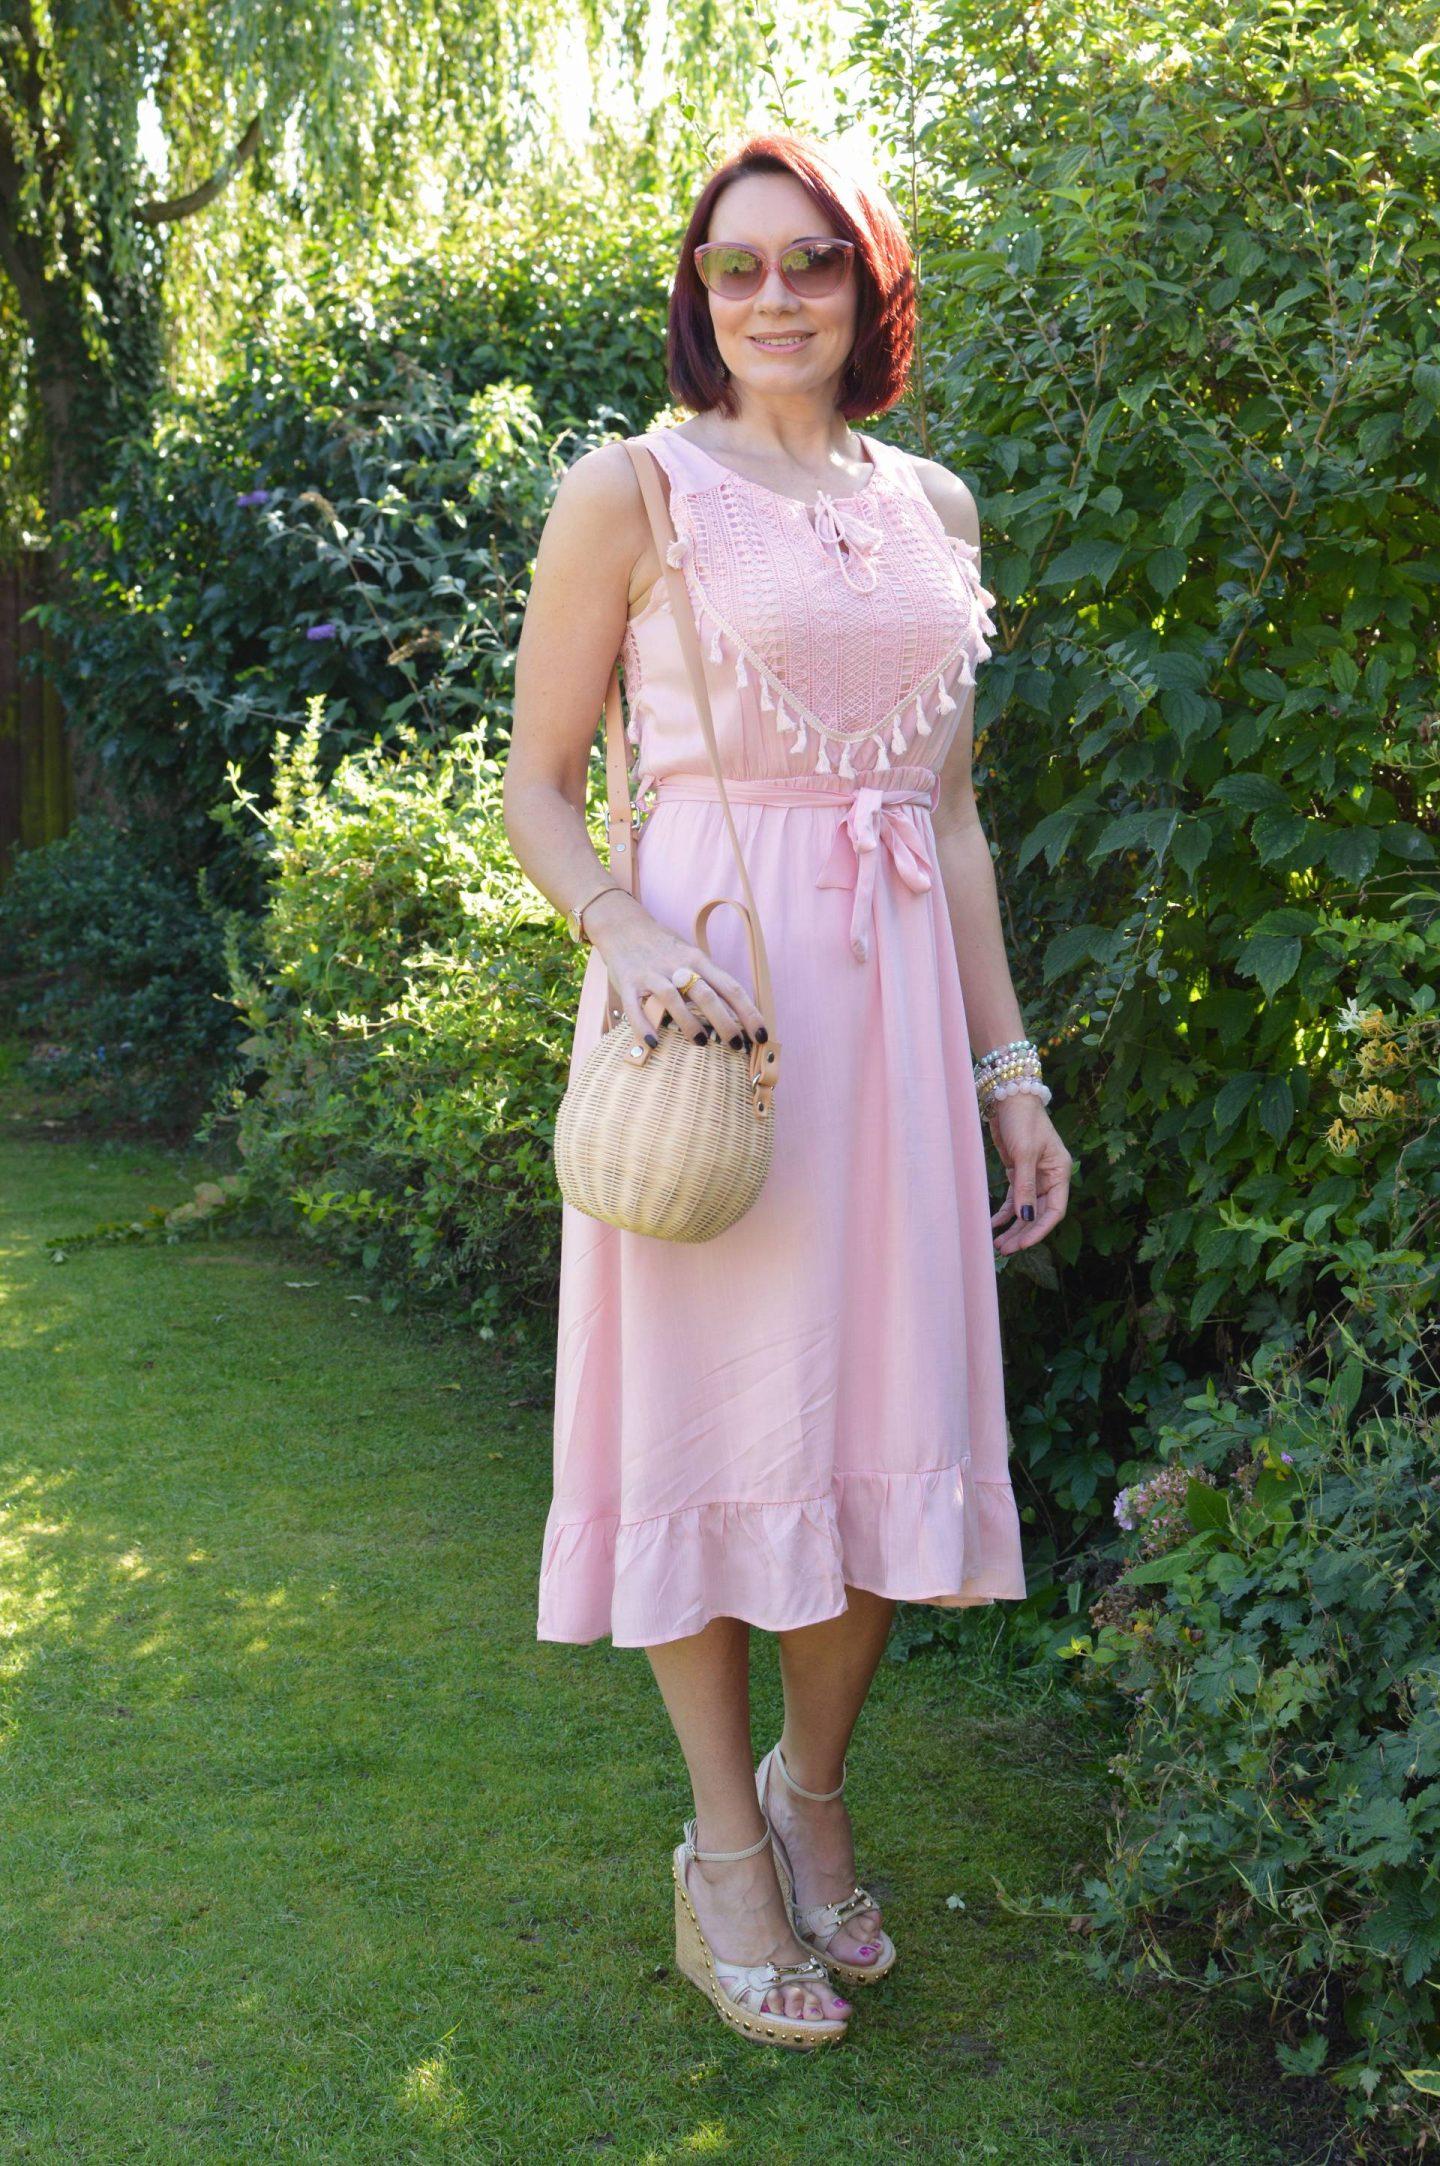 Blush Pink Cotton Sundress